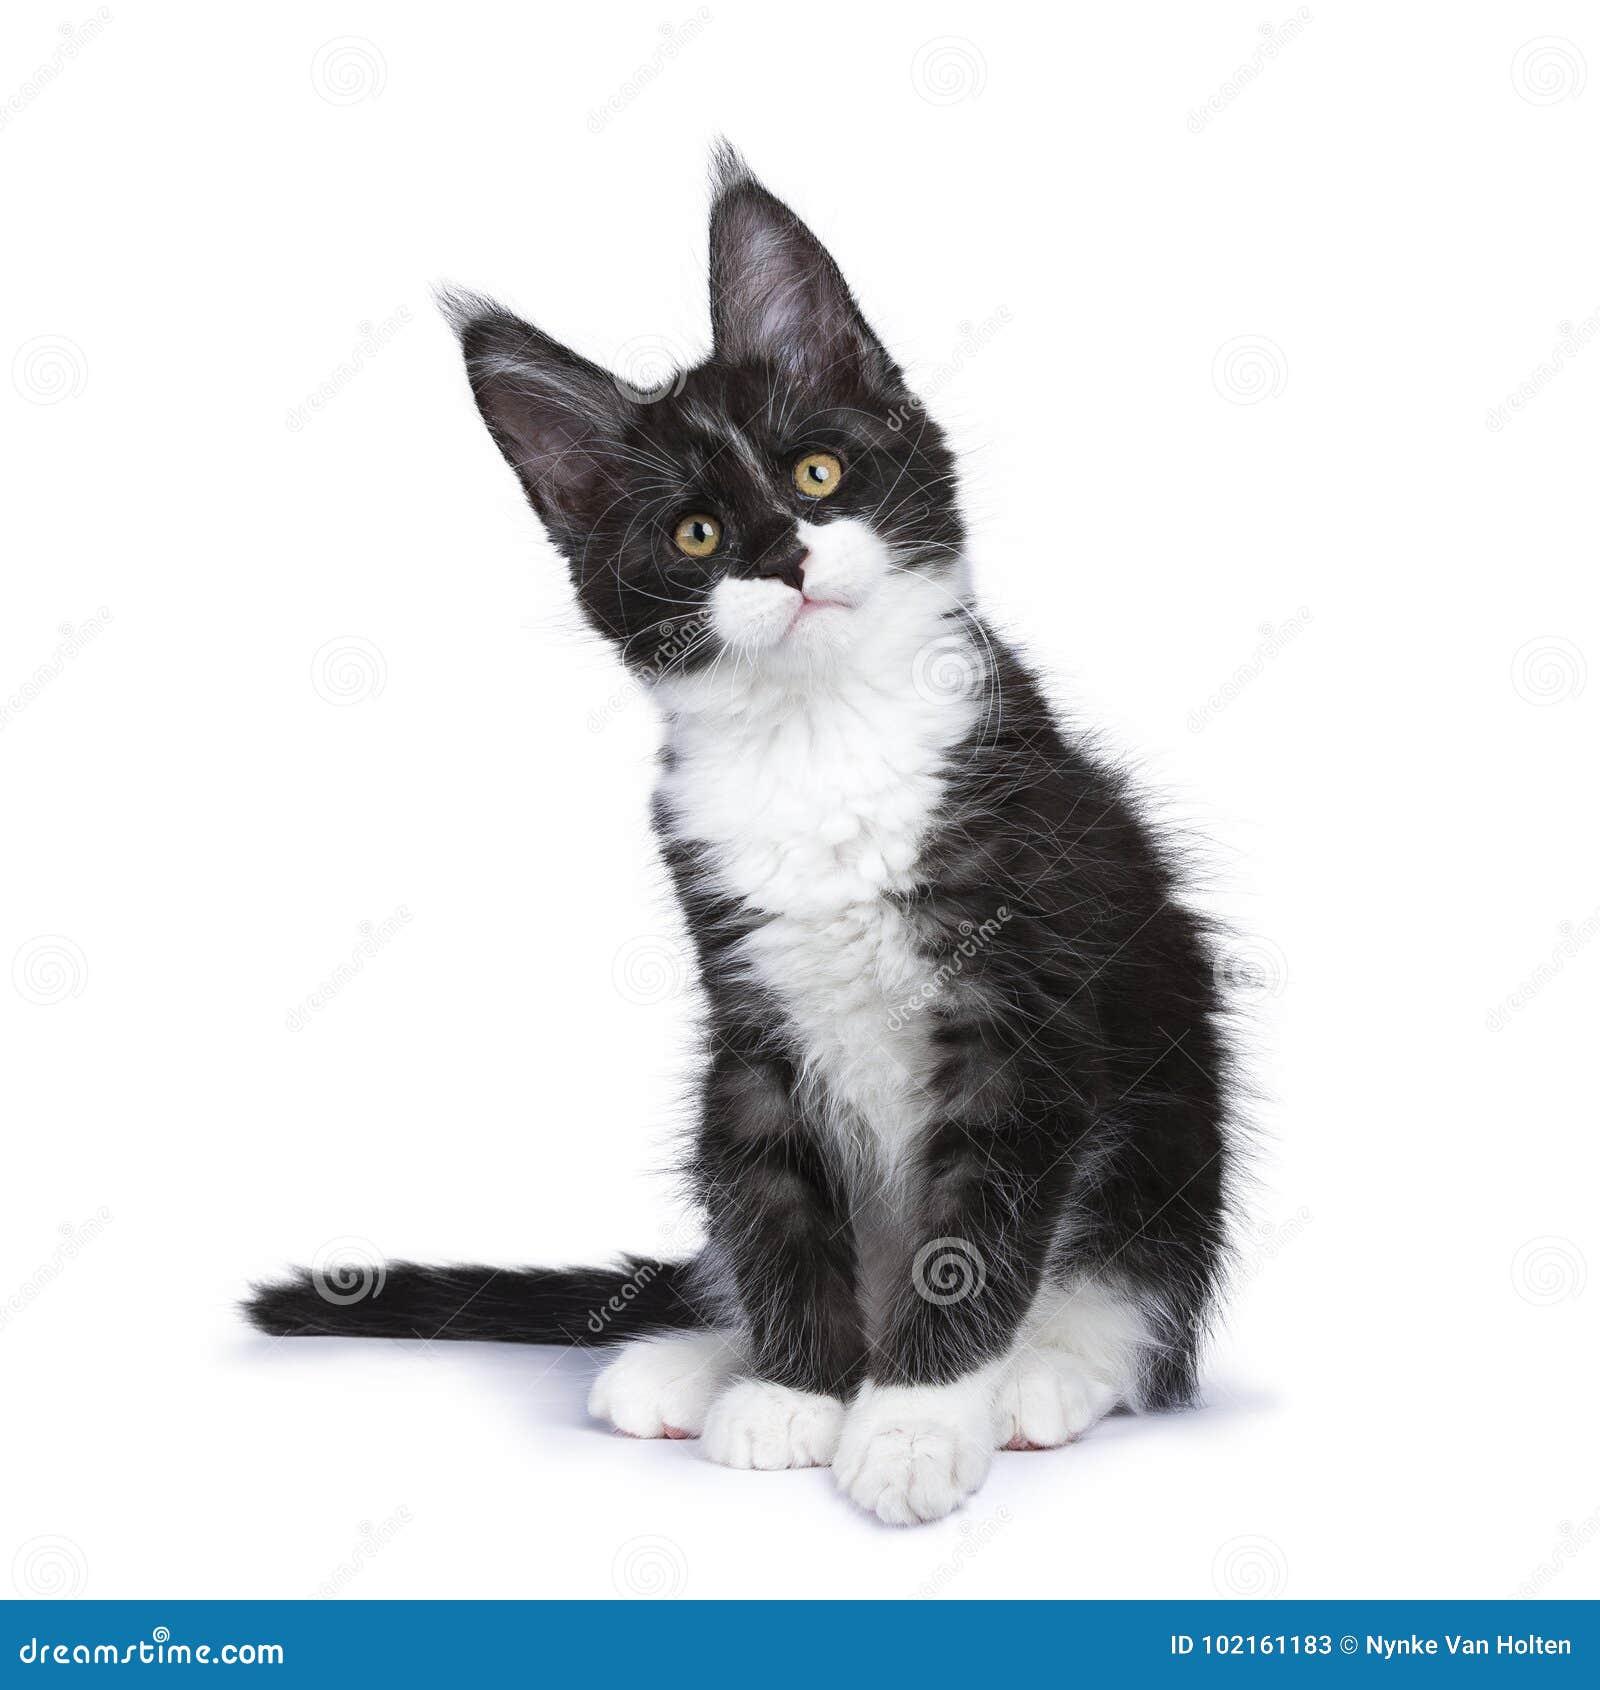 Perzische katjeszitting die vooruit recht kijken